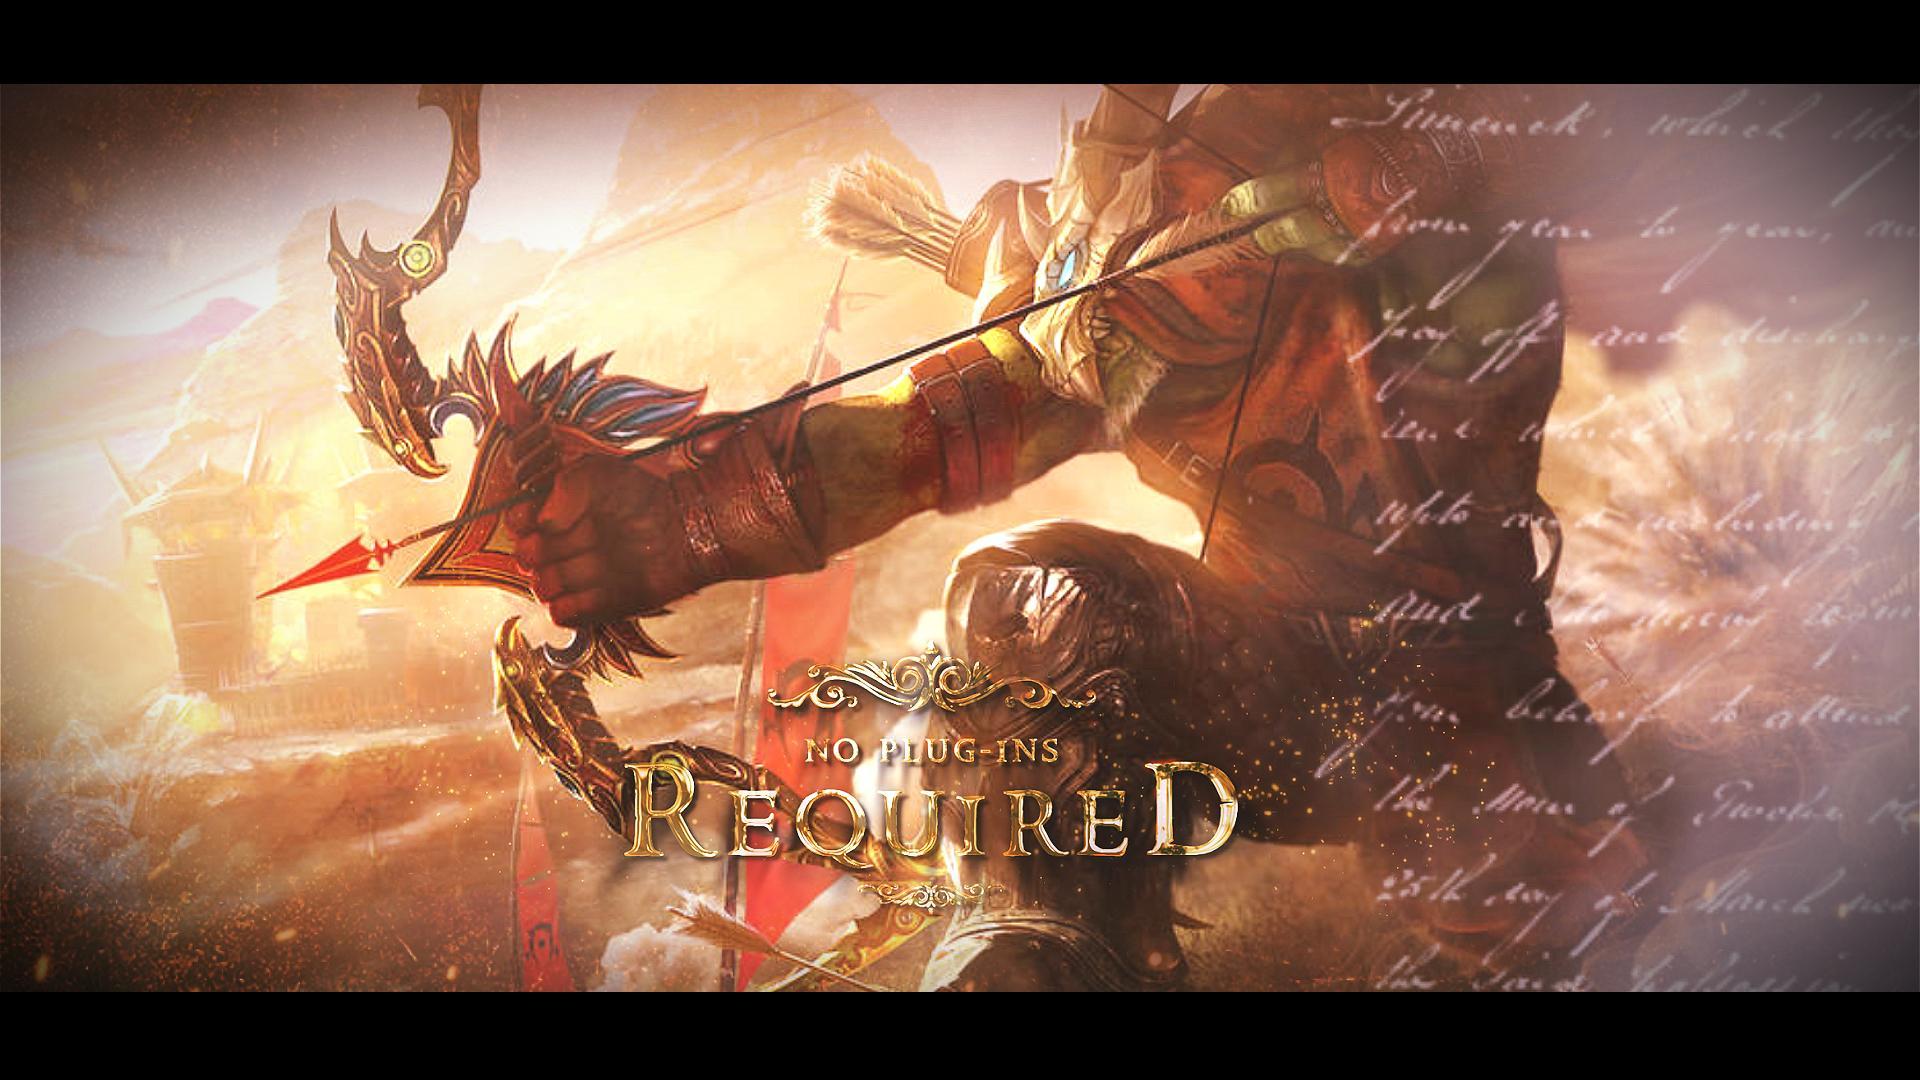 史诗电影预告片片头视频设计AE模板 Archangel – Epic Fantasy Trailer插图(1)